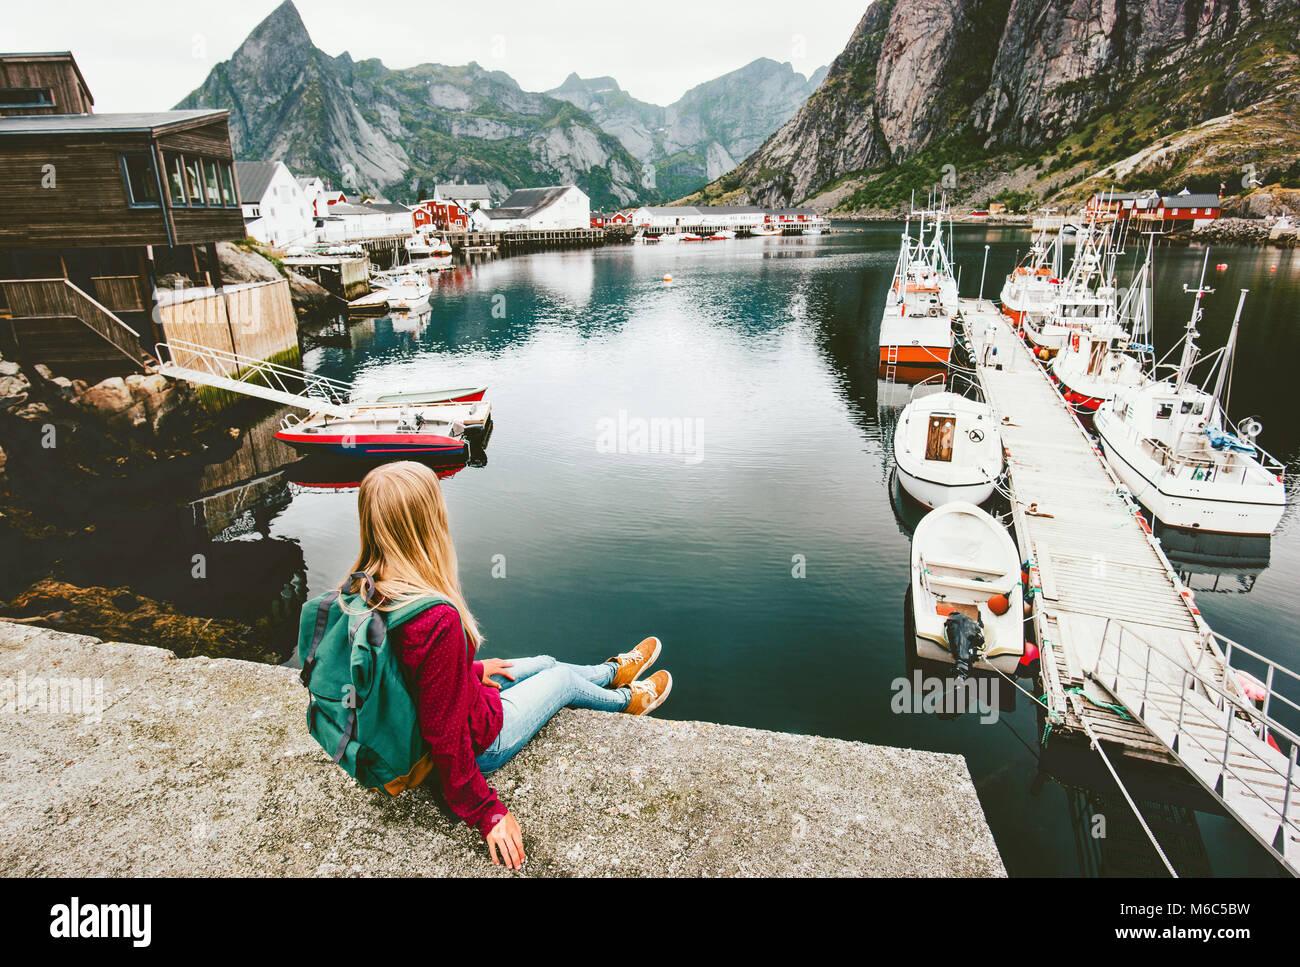 Giovane donna rilassante turistica sul ponte sul fiordo in isole Lofoten di Norvegia viaggiare con lo zaino in spalla Immagini Stock